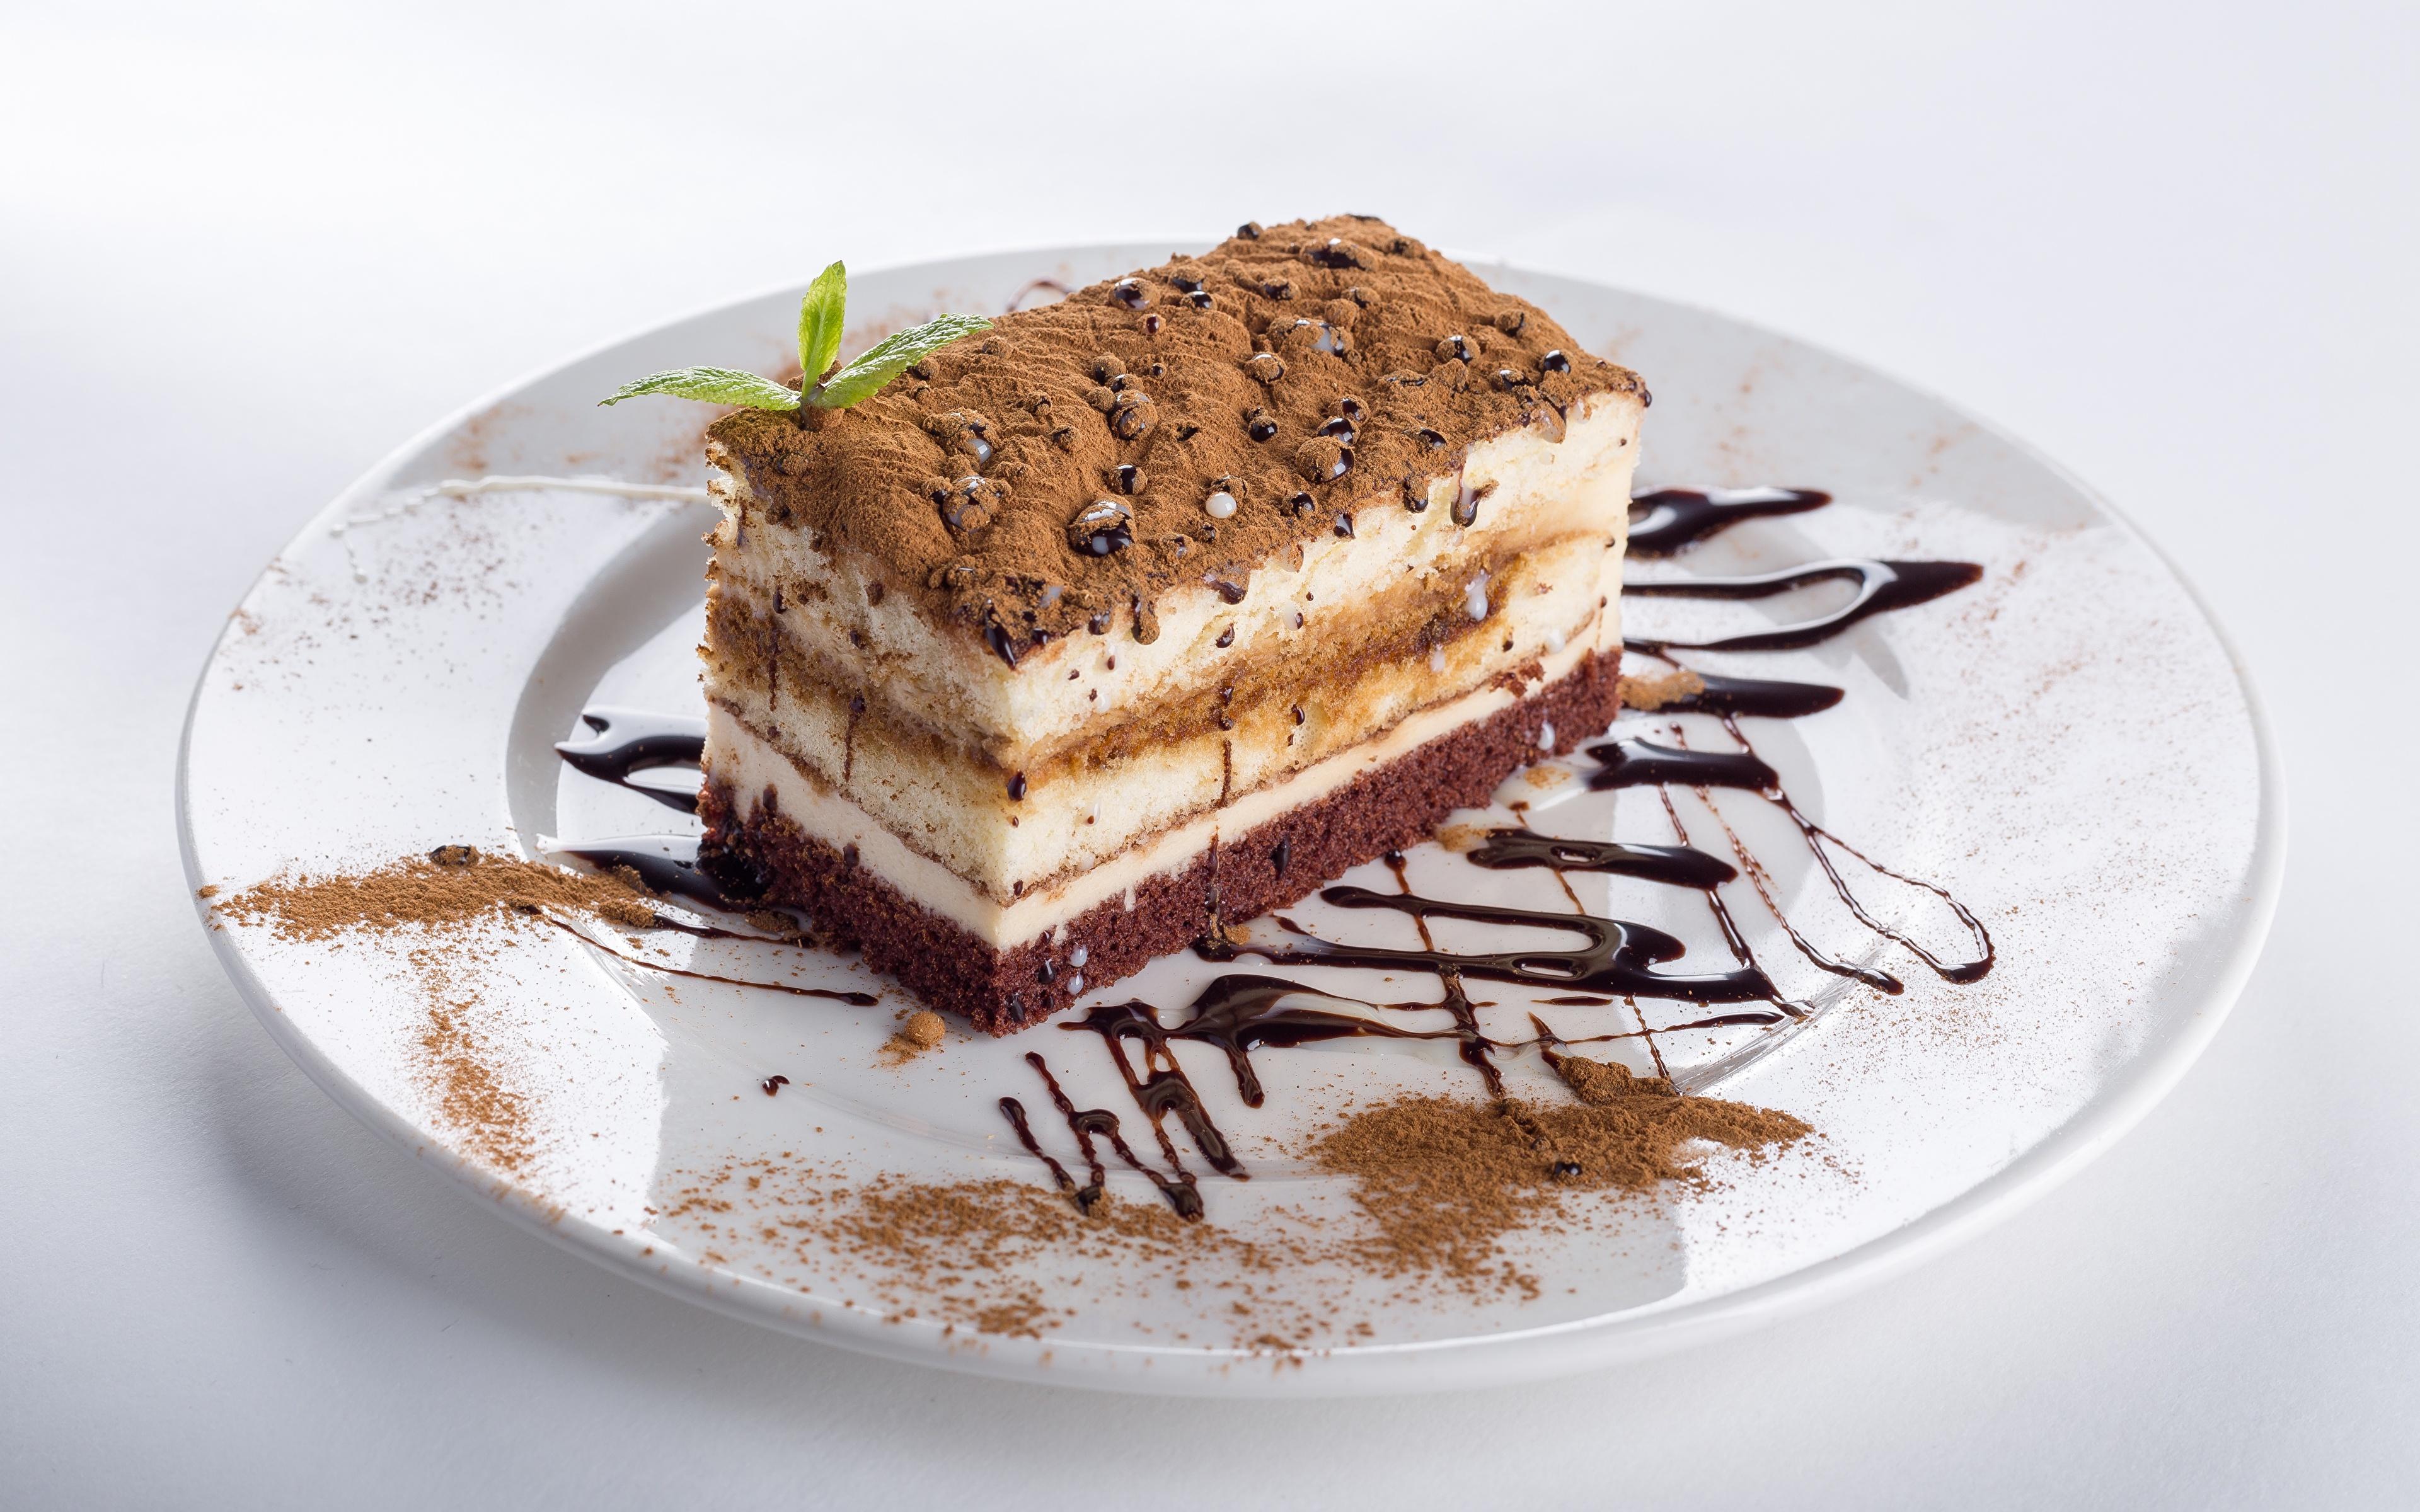 Фотографии Торты Какао порошок кусочек Еда Тарелка 3840x2400 часть Кусок кусочки Пища тарелке Продукты питания